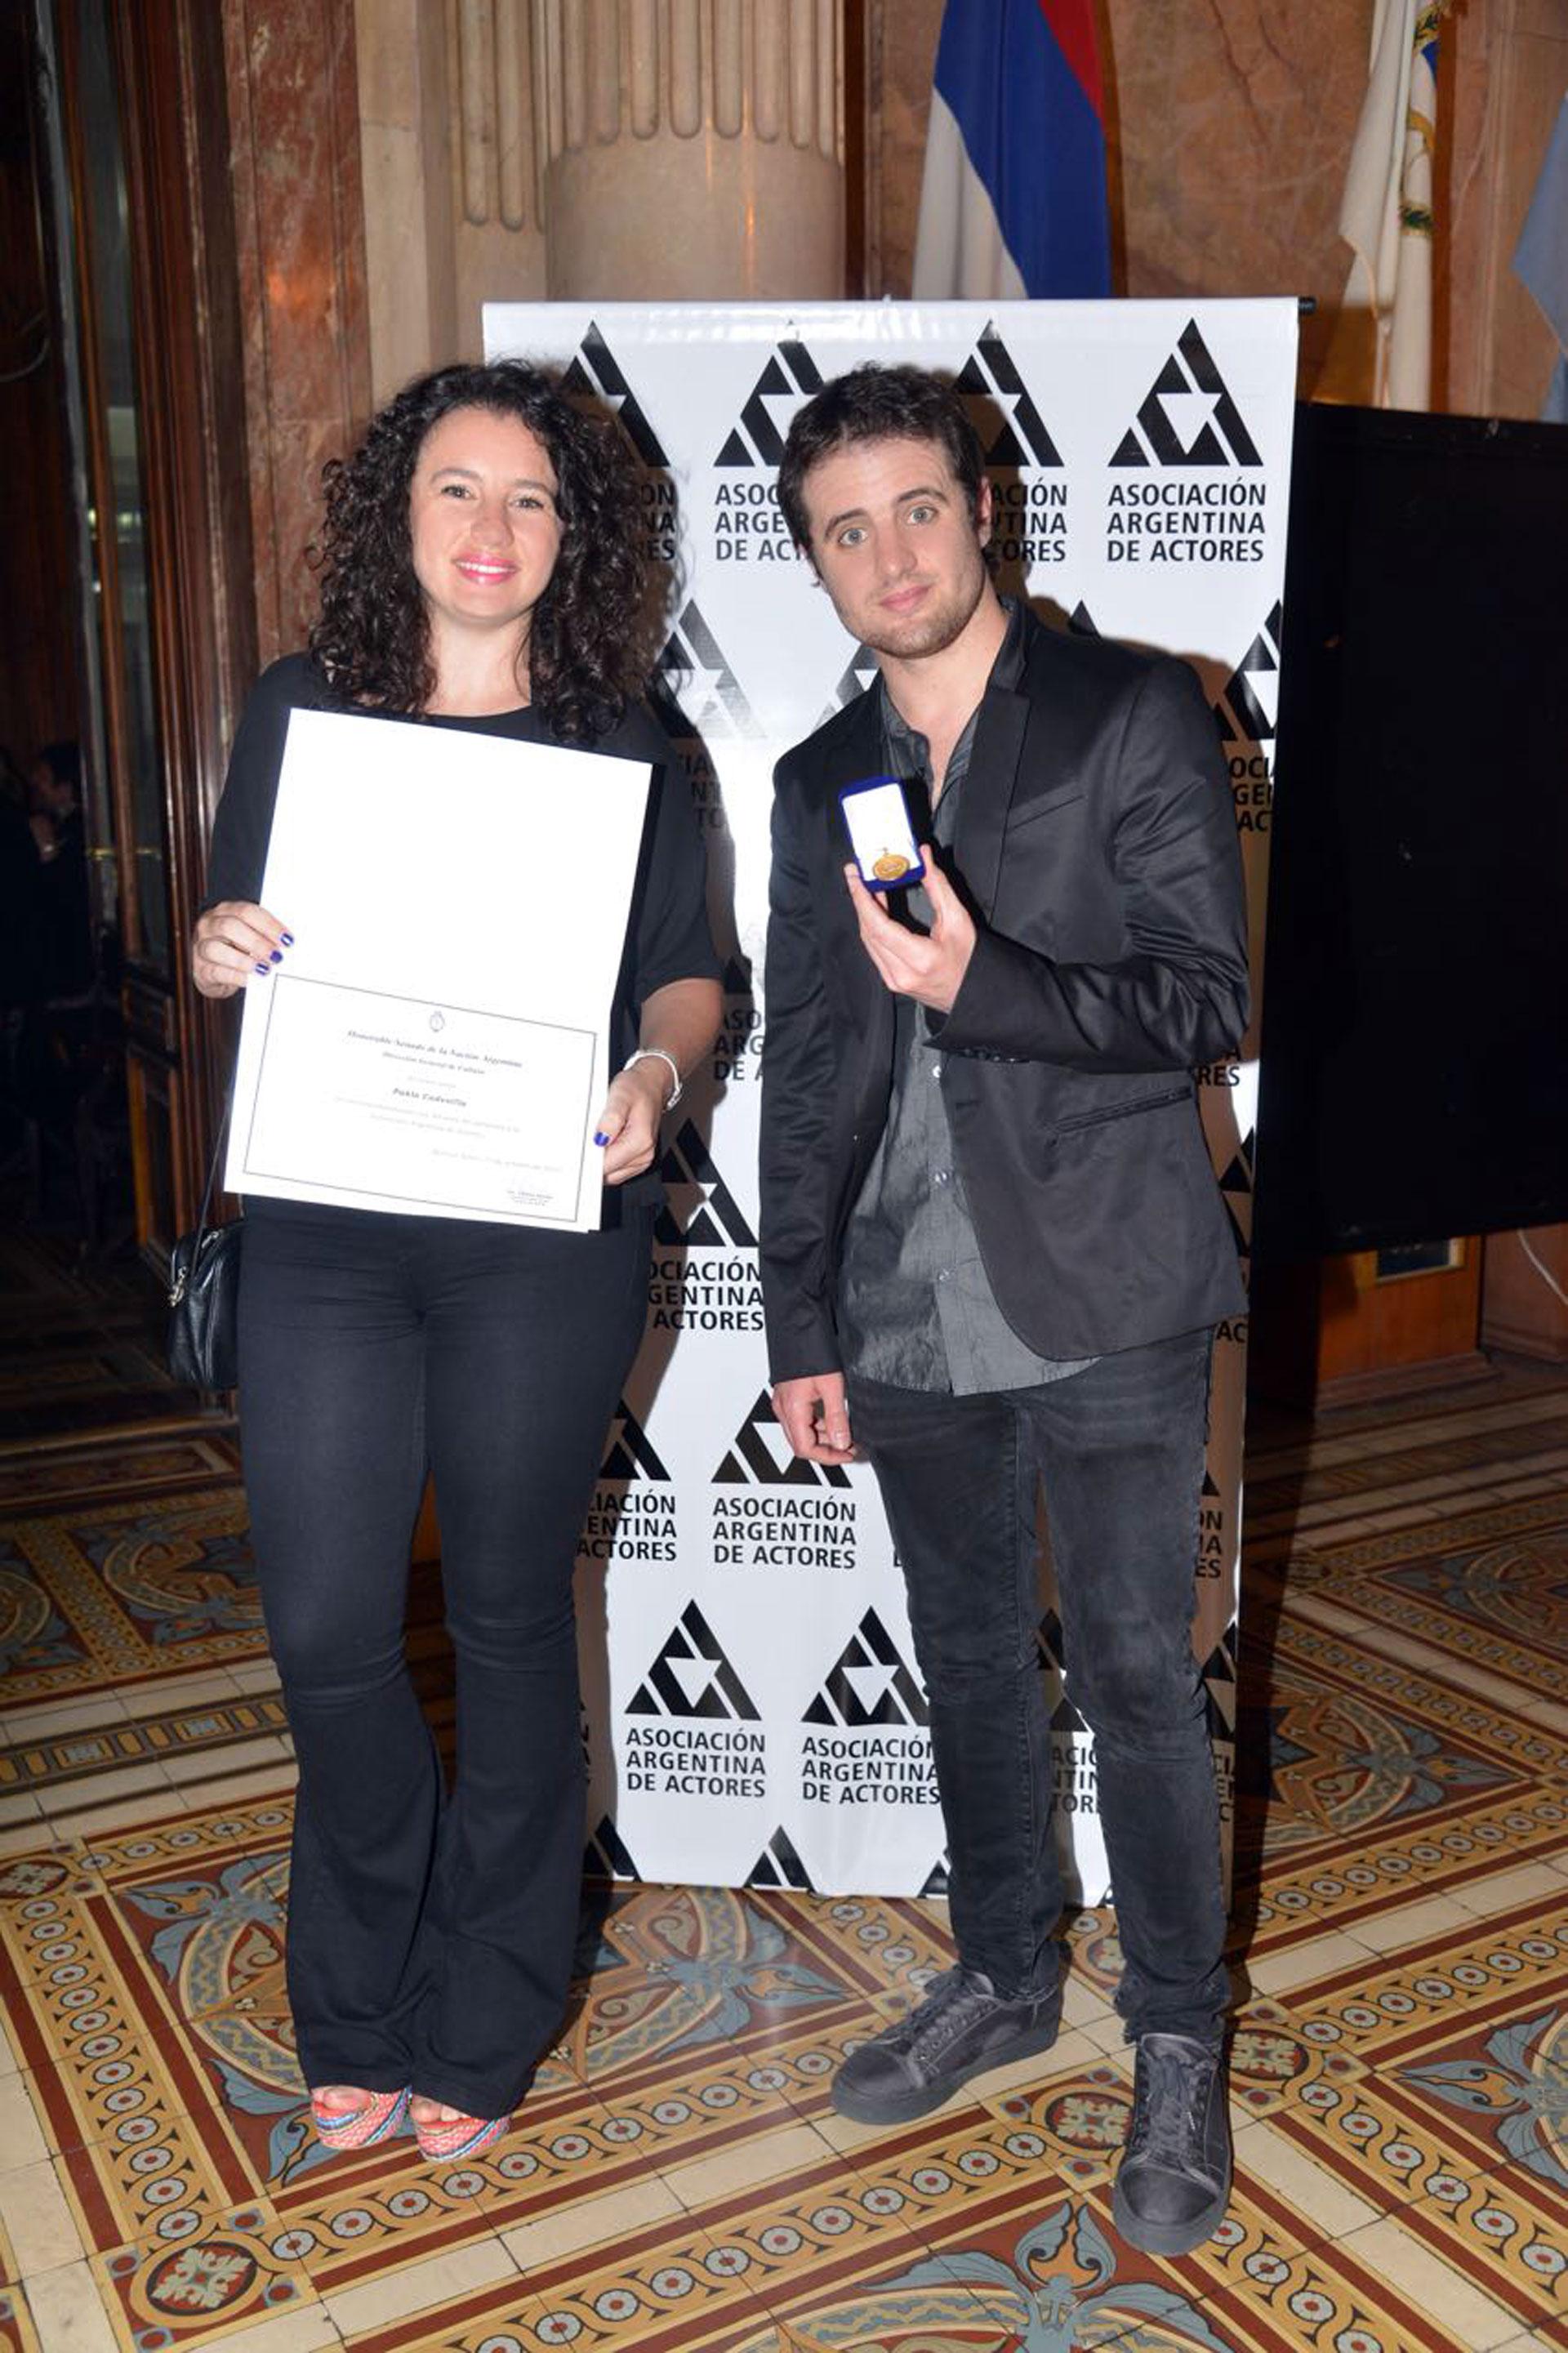 En los premios Podestá, reconocieron a Pablo Codevilla con una medalla conmemorativa por cumplir 50 años de afiliación a la Asociación Argentina de Actores. Como estaba de viaje, sus hijos recibieron la distinción